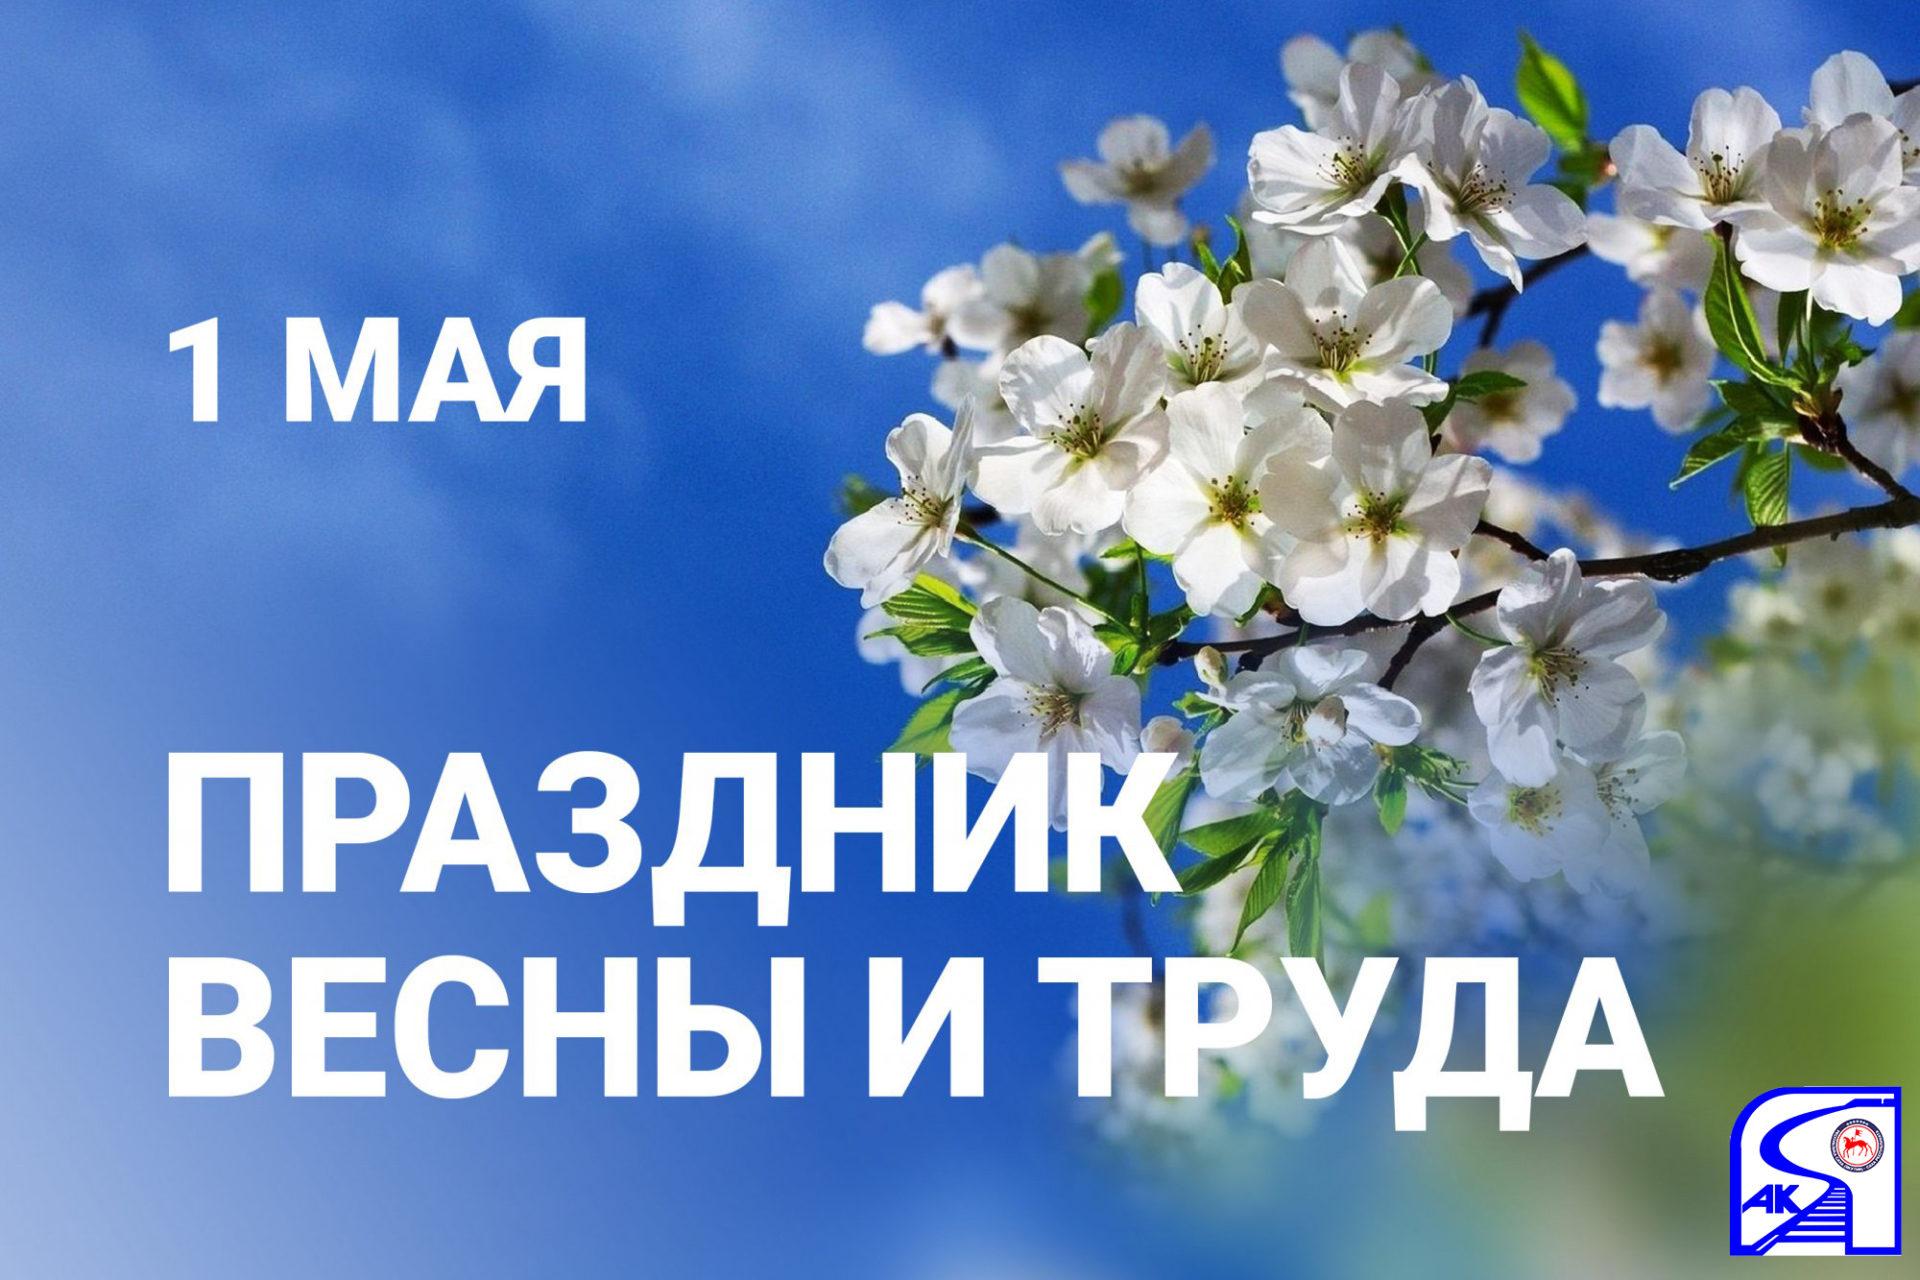 Акционерная компания «Железные дороги Якутии» поздравляет с 1 мая